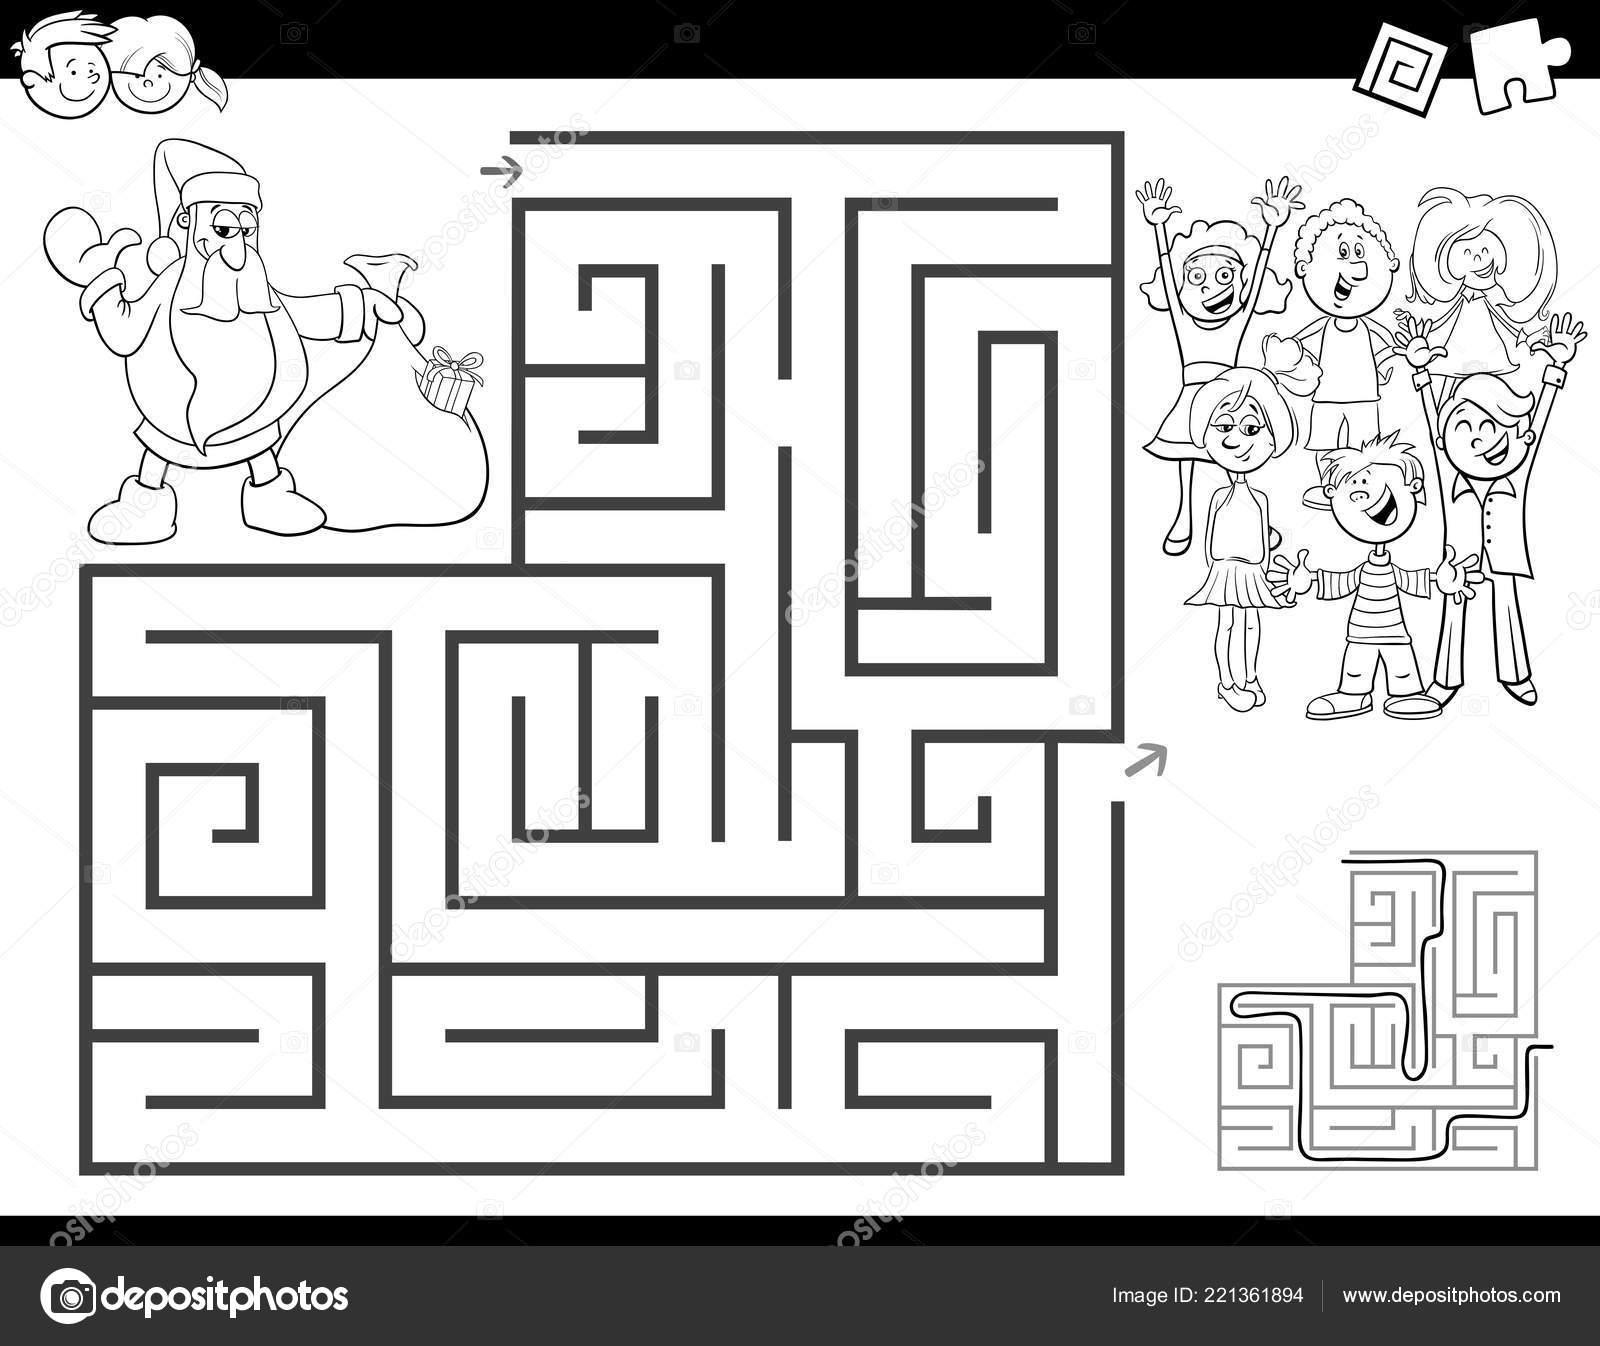 Noel Baba Boyama Kitabı Olan çocuklar Için Eğitim Labirent Veya